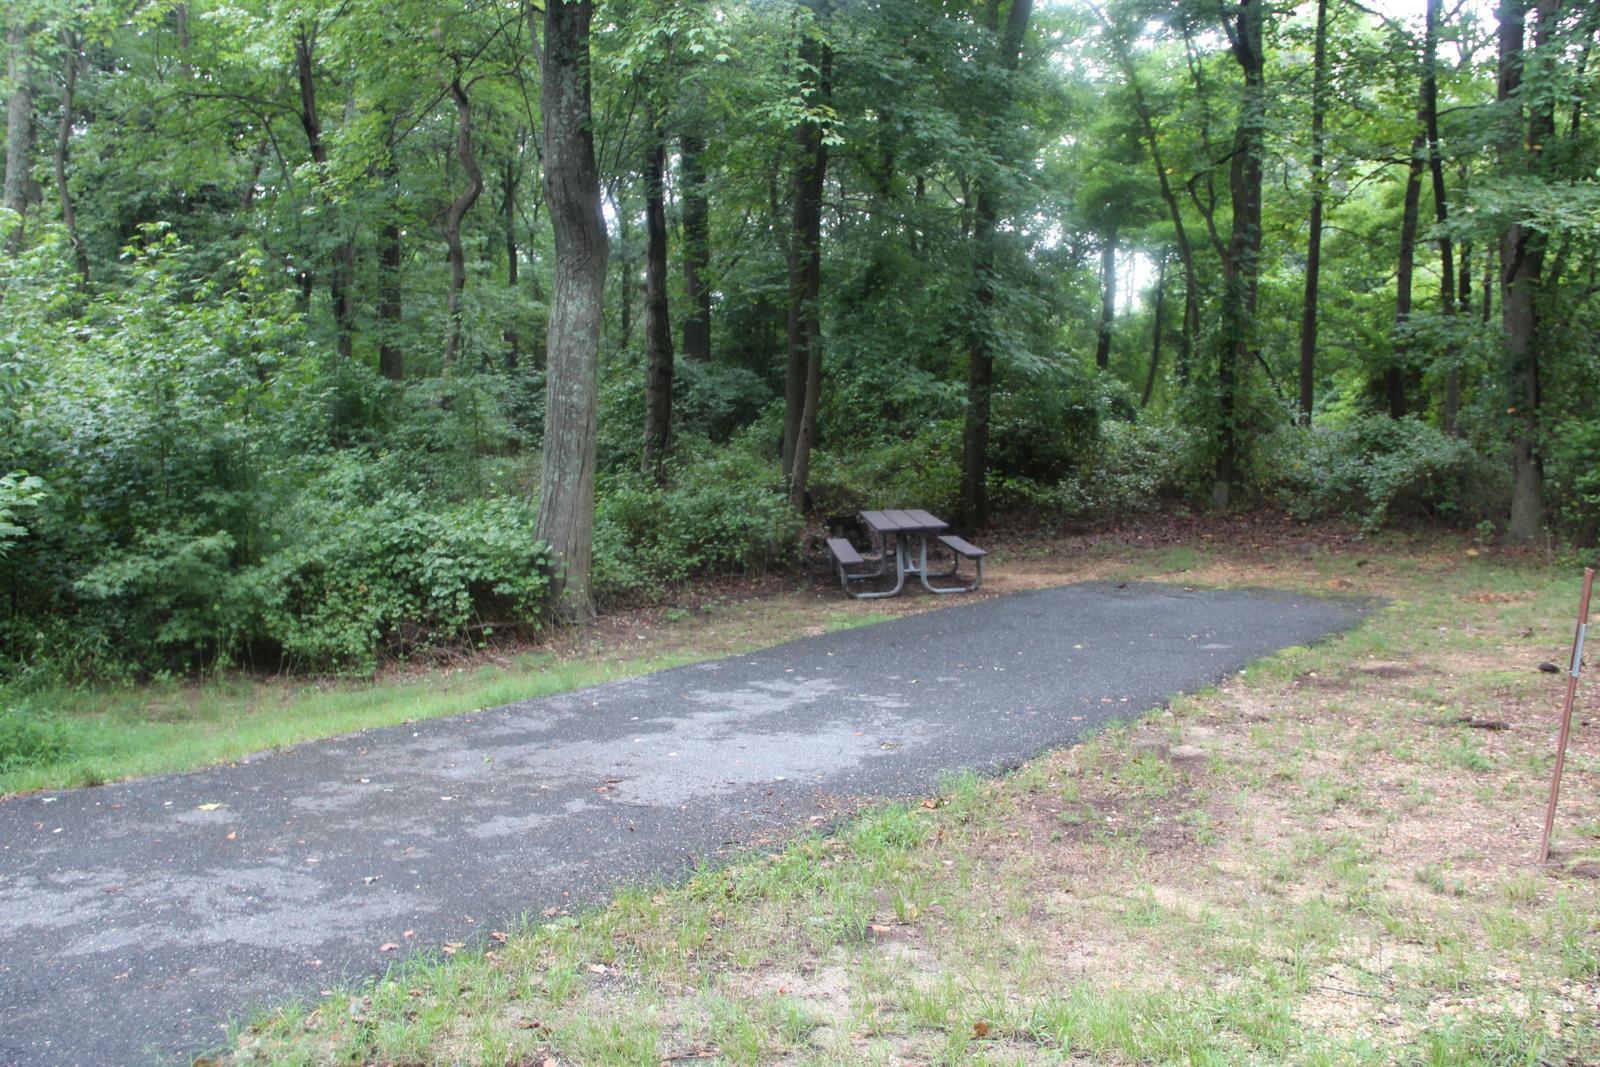 Greenbelt Park Campground Site 134